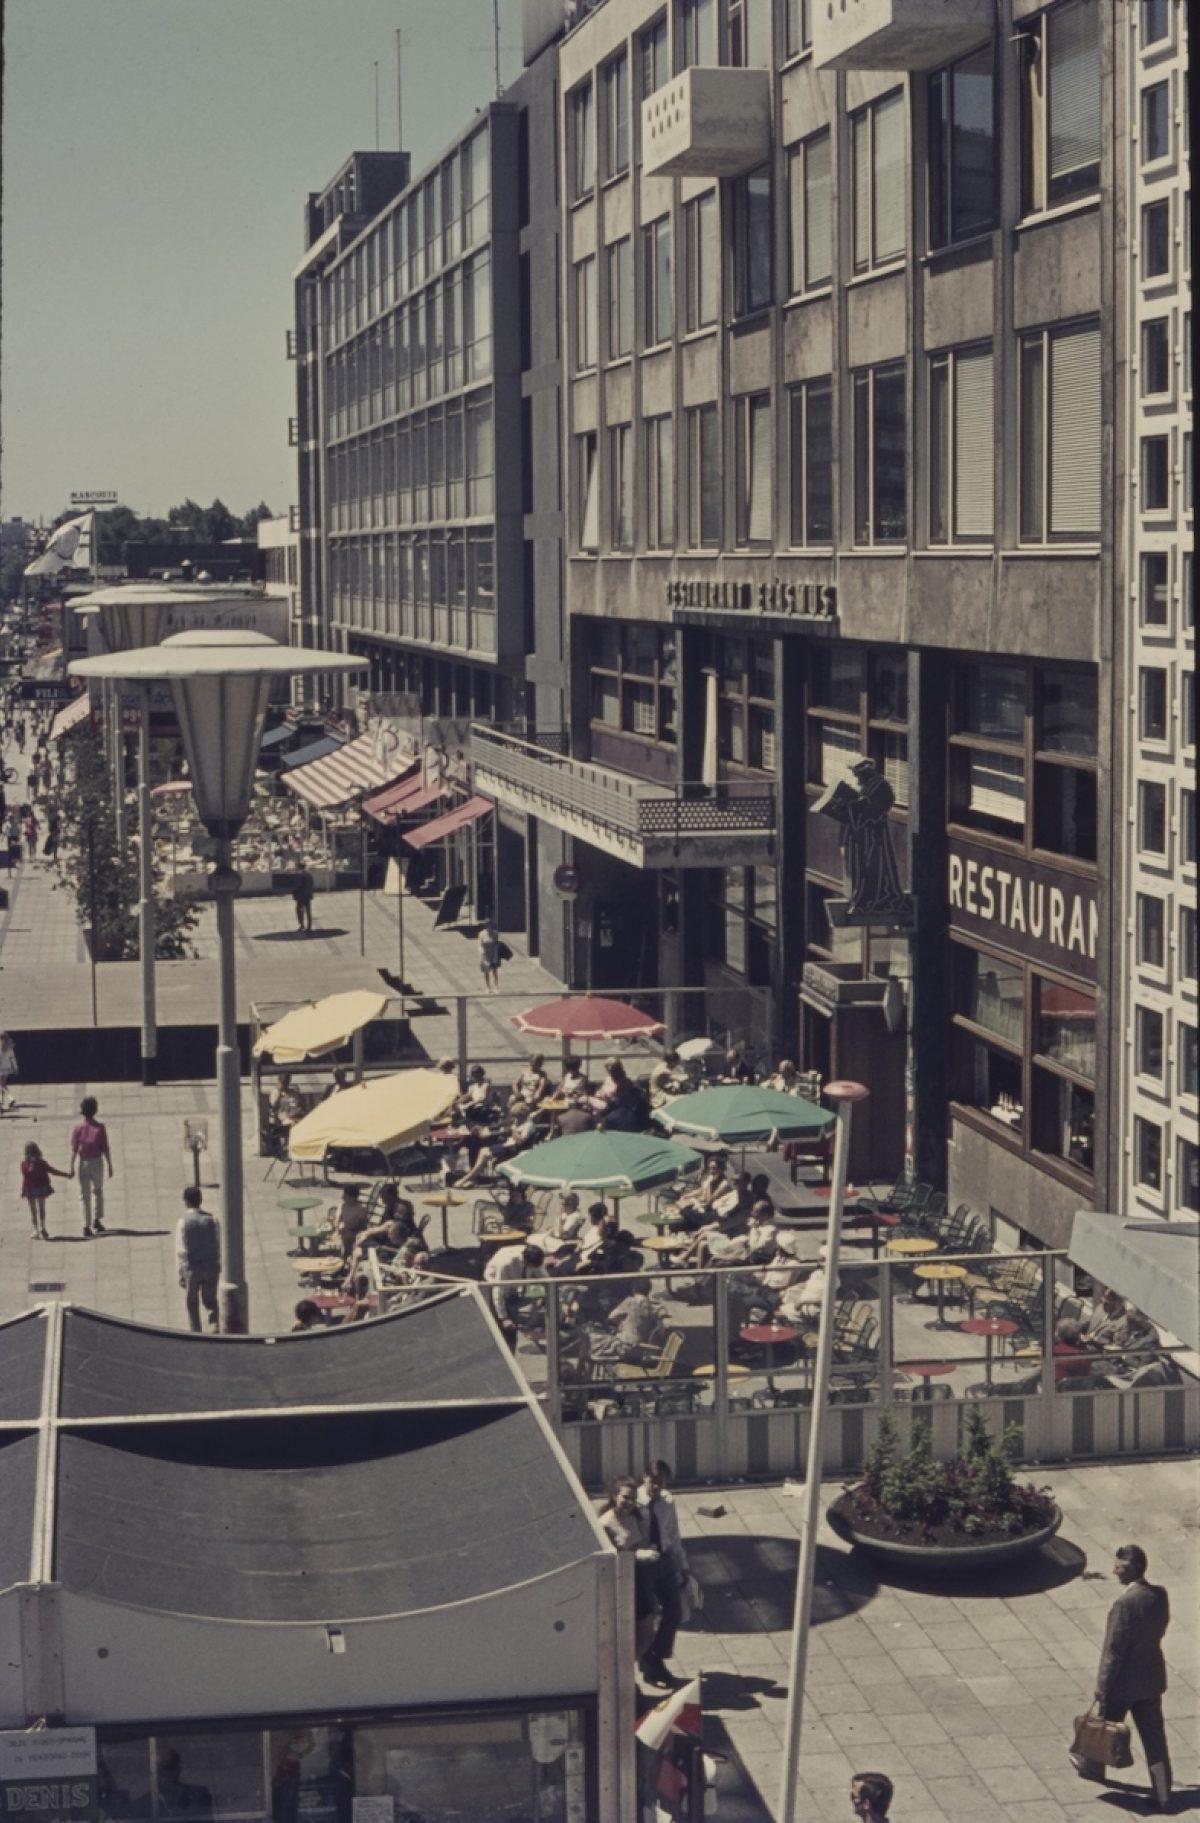 03 stadhuisplein 1970 NL Rt SA 4101 413 Ad R